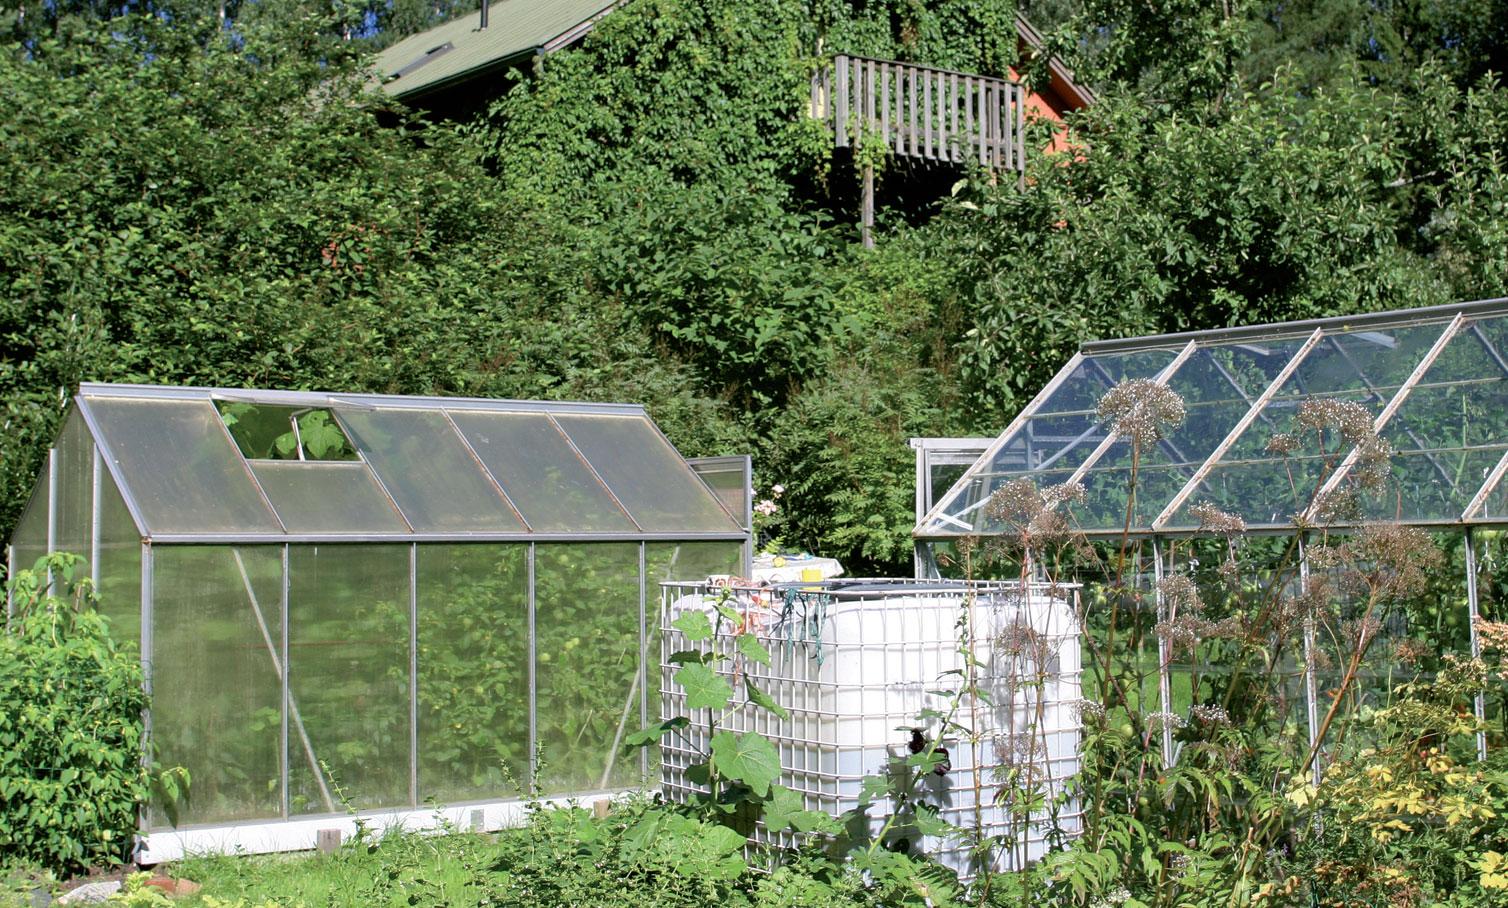 Kasvihuonet sijaitsevat talon eteläpuolella